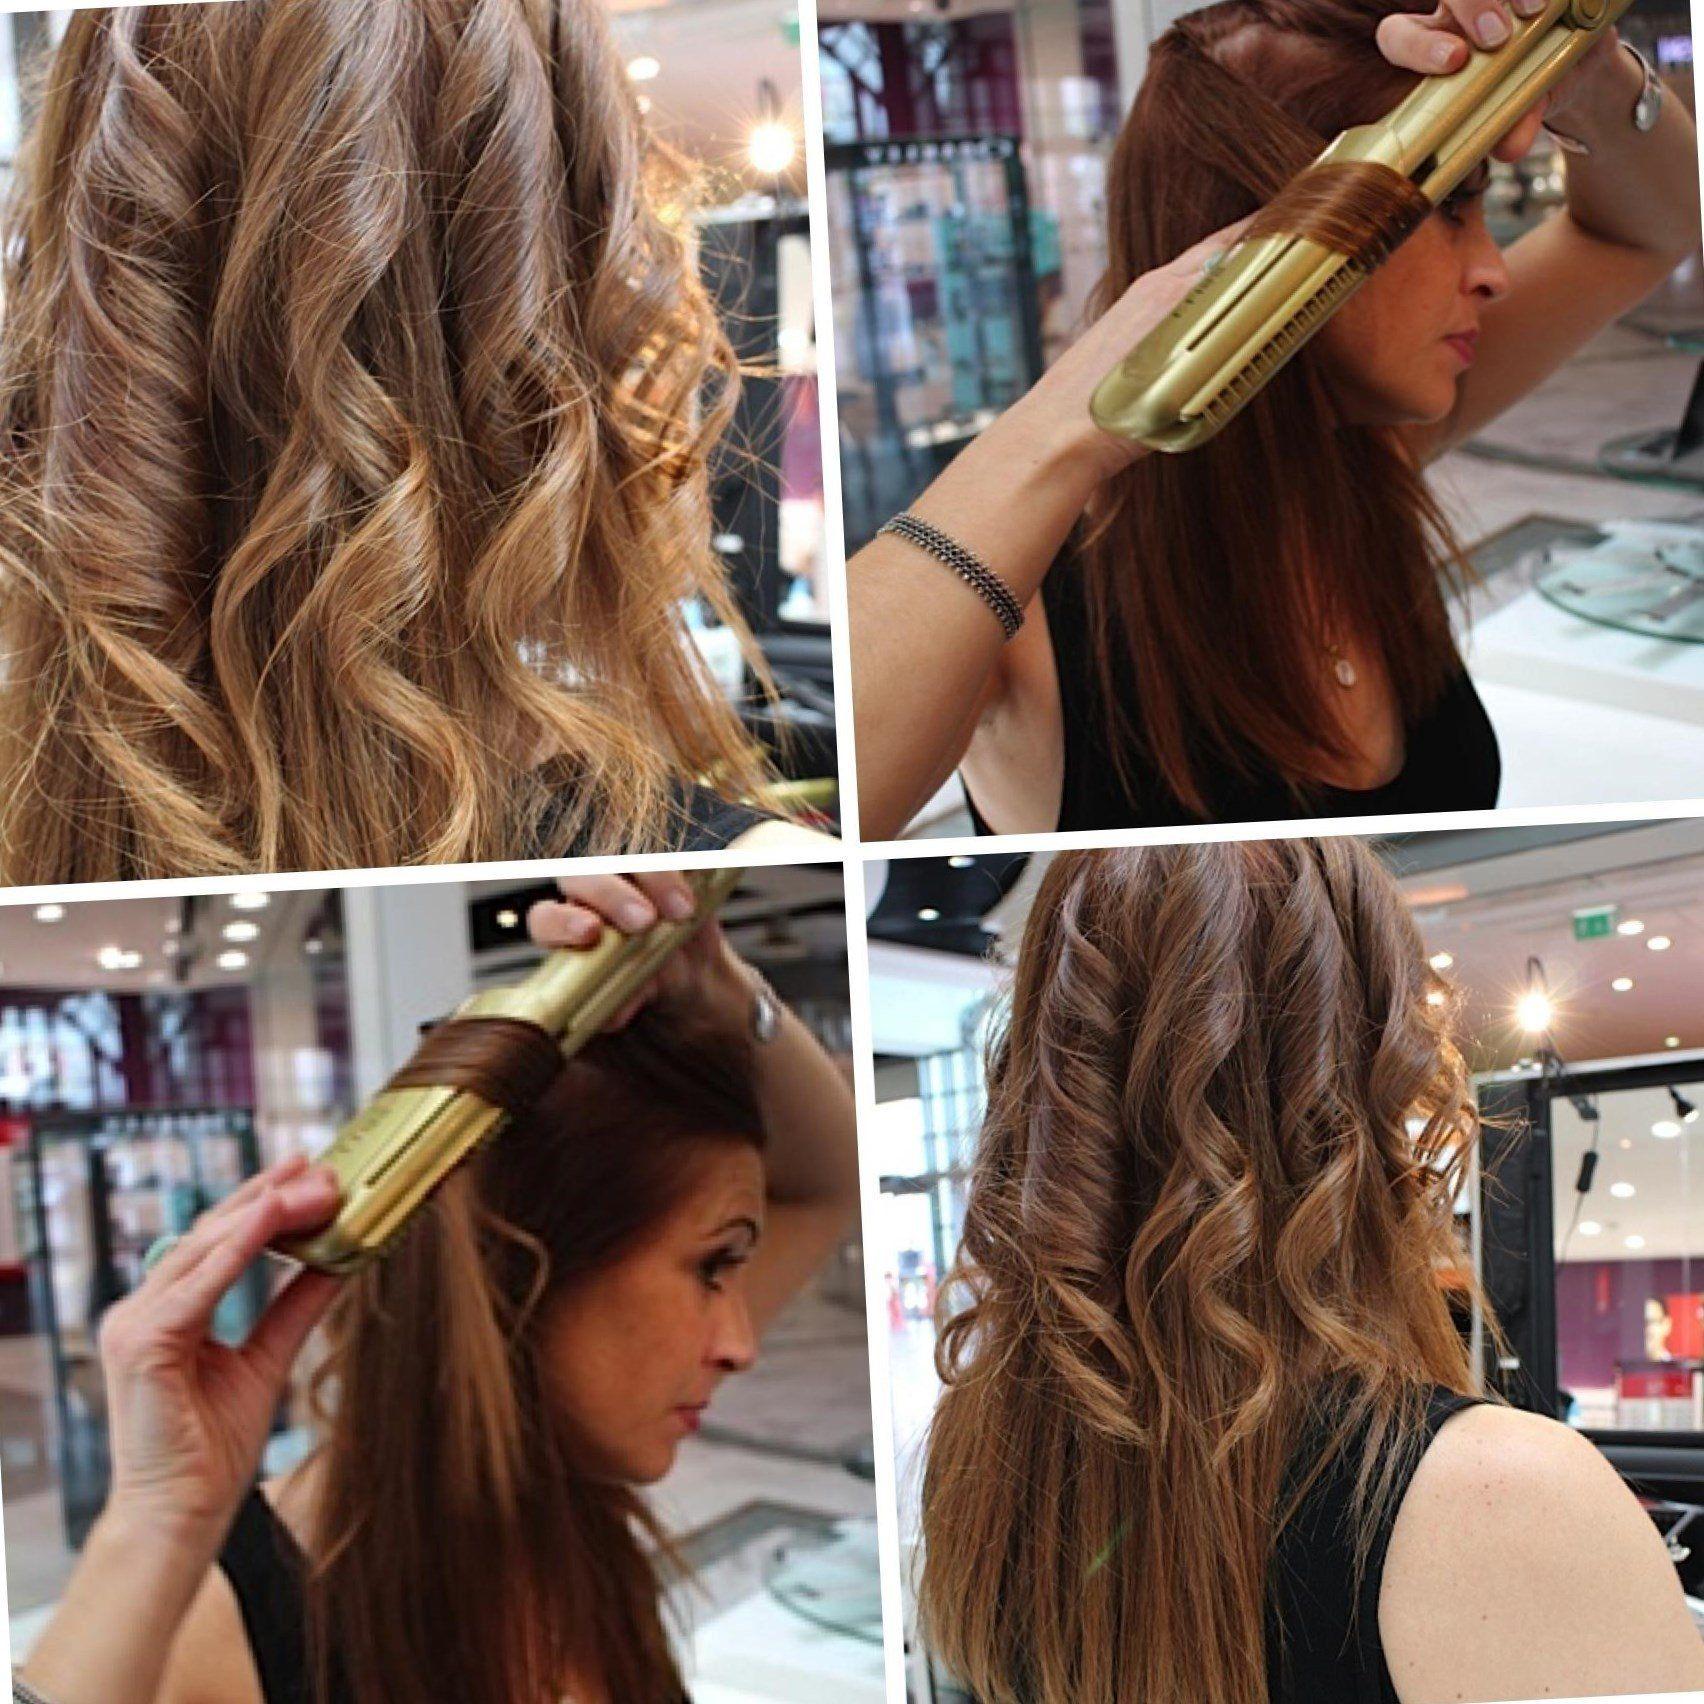 Coiffure Avec Un Lisseur Coiffure Cheveux Idee Tendances2018 Tendances2019 Cheveux2019 Coiffure2019 Faire Des Cheveux Coiffure Idees De Coiffures